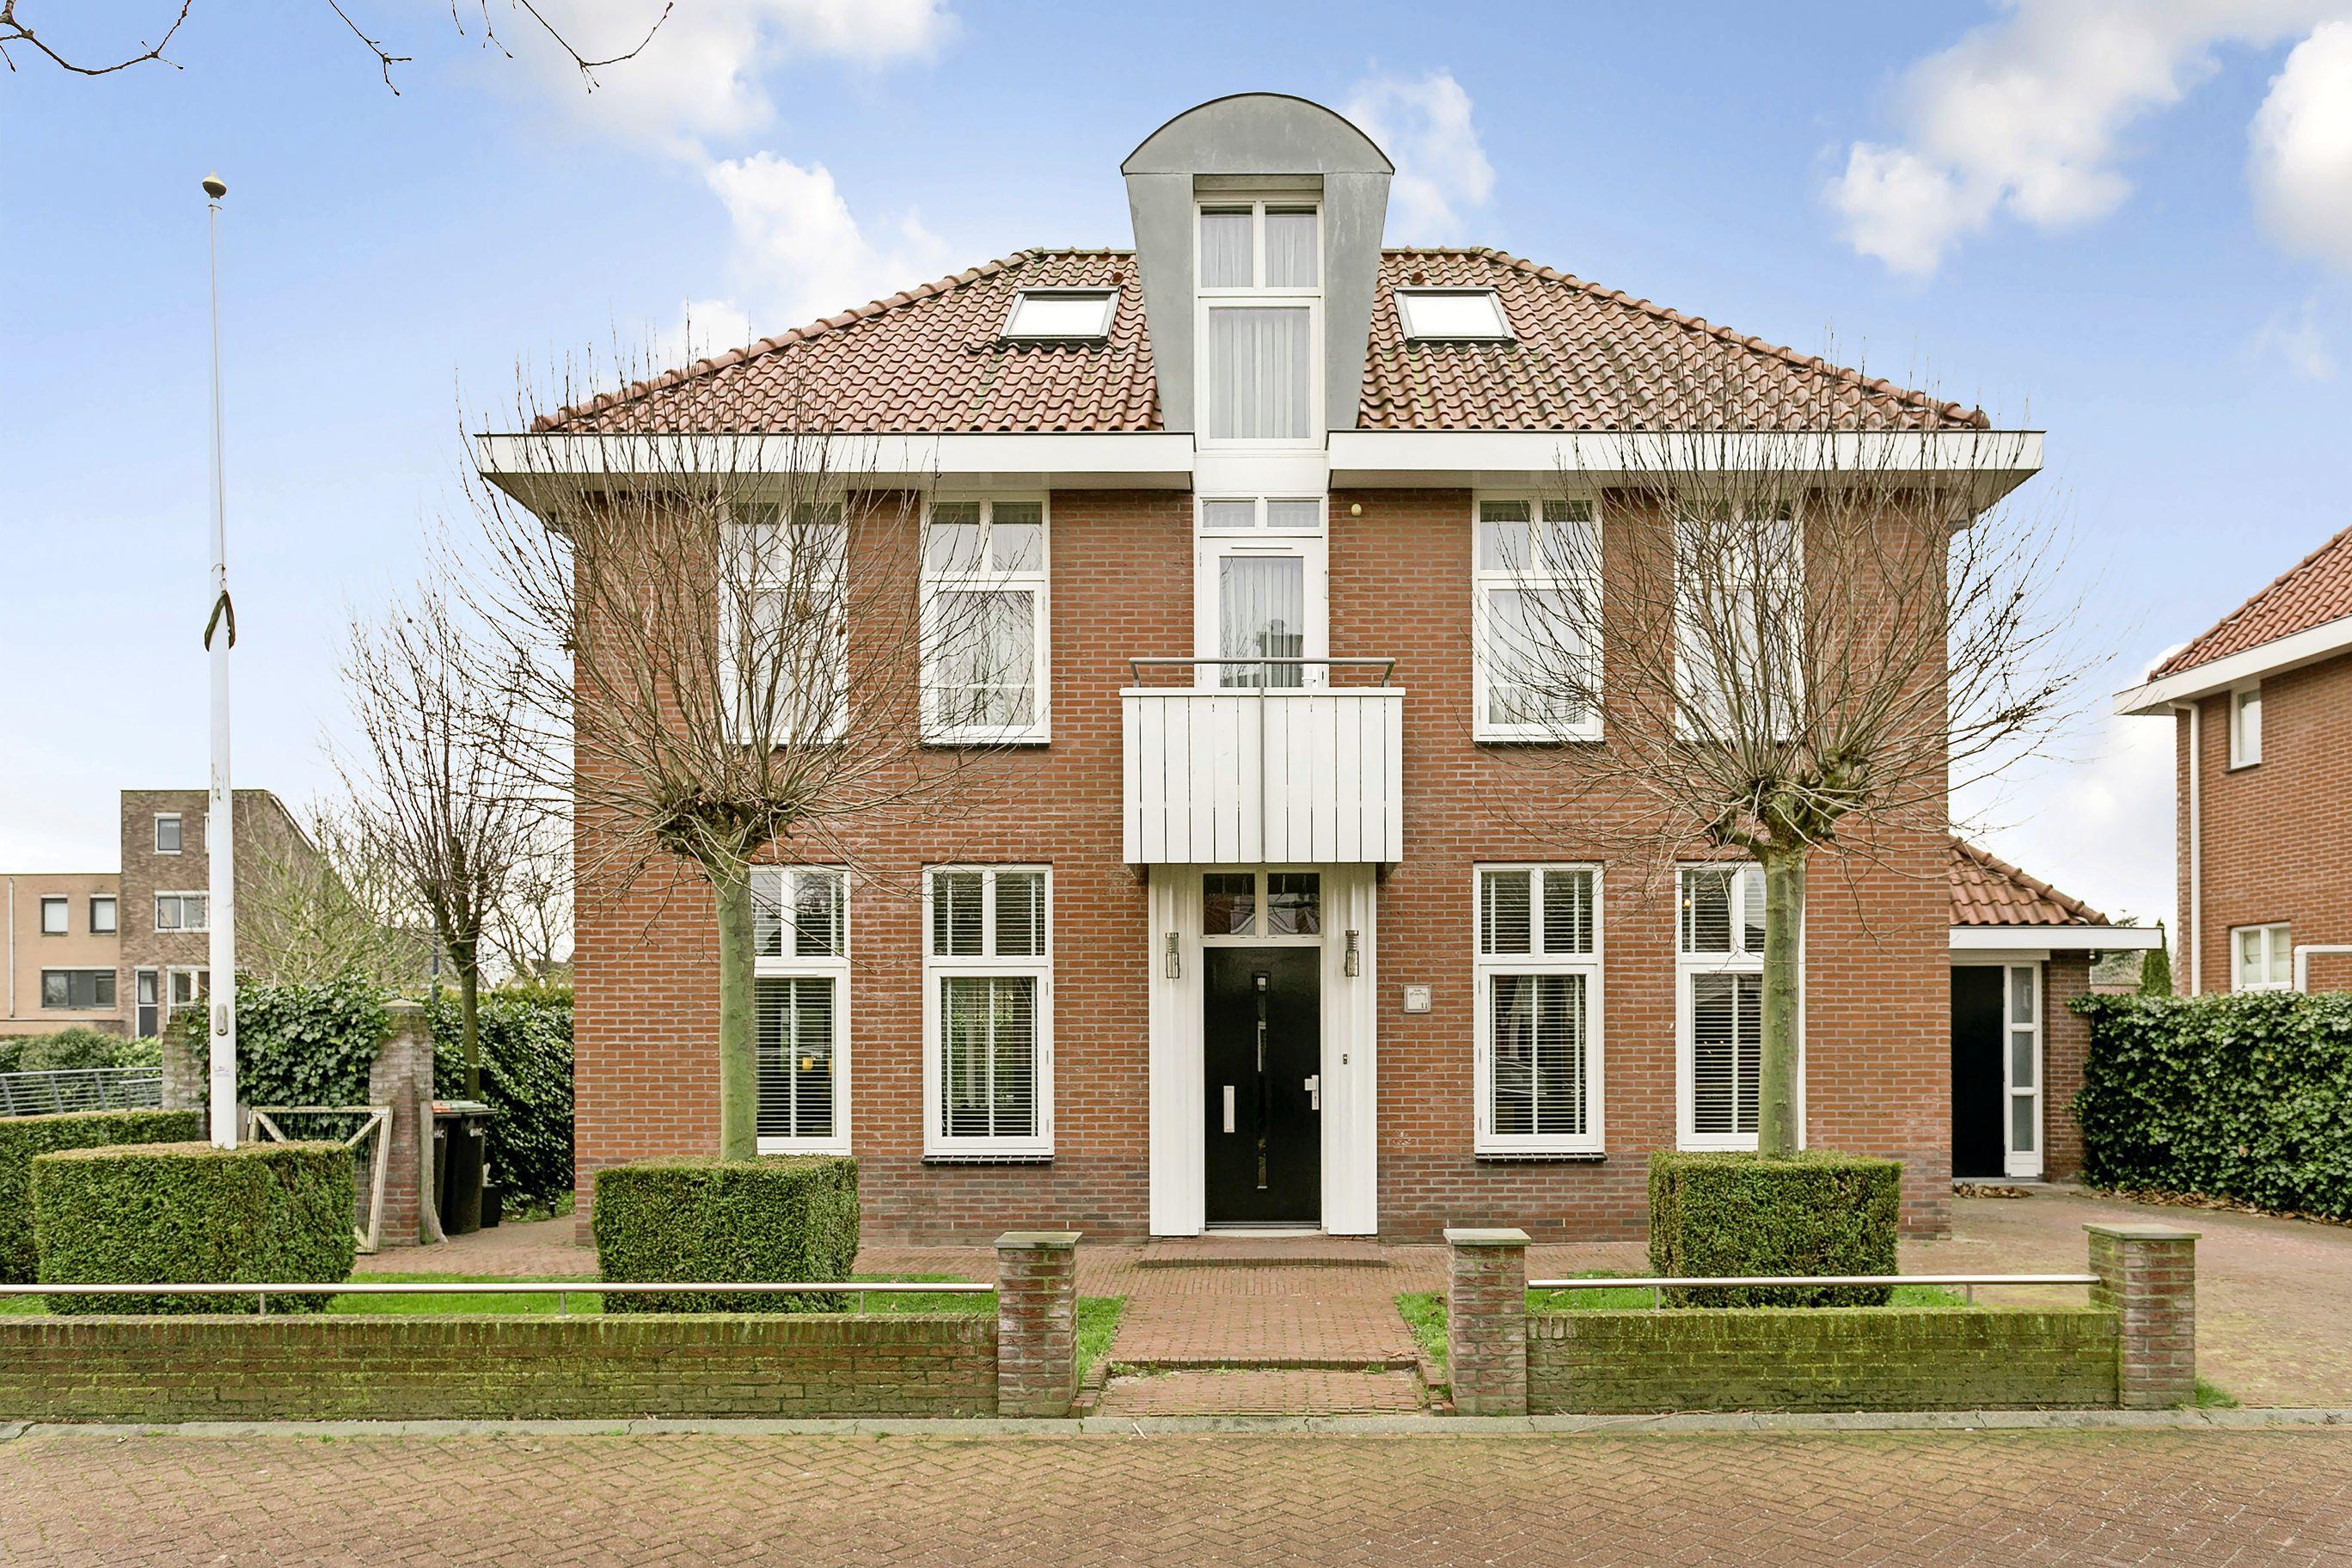 Recordprijzen door overspannen woningmarkt. Wat koop je eigenlijk voor één miljoen? Bioscoop is paradeplaatje